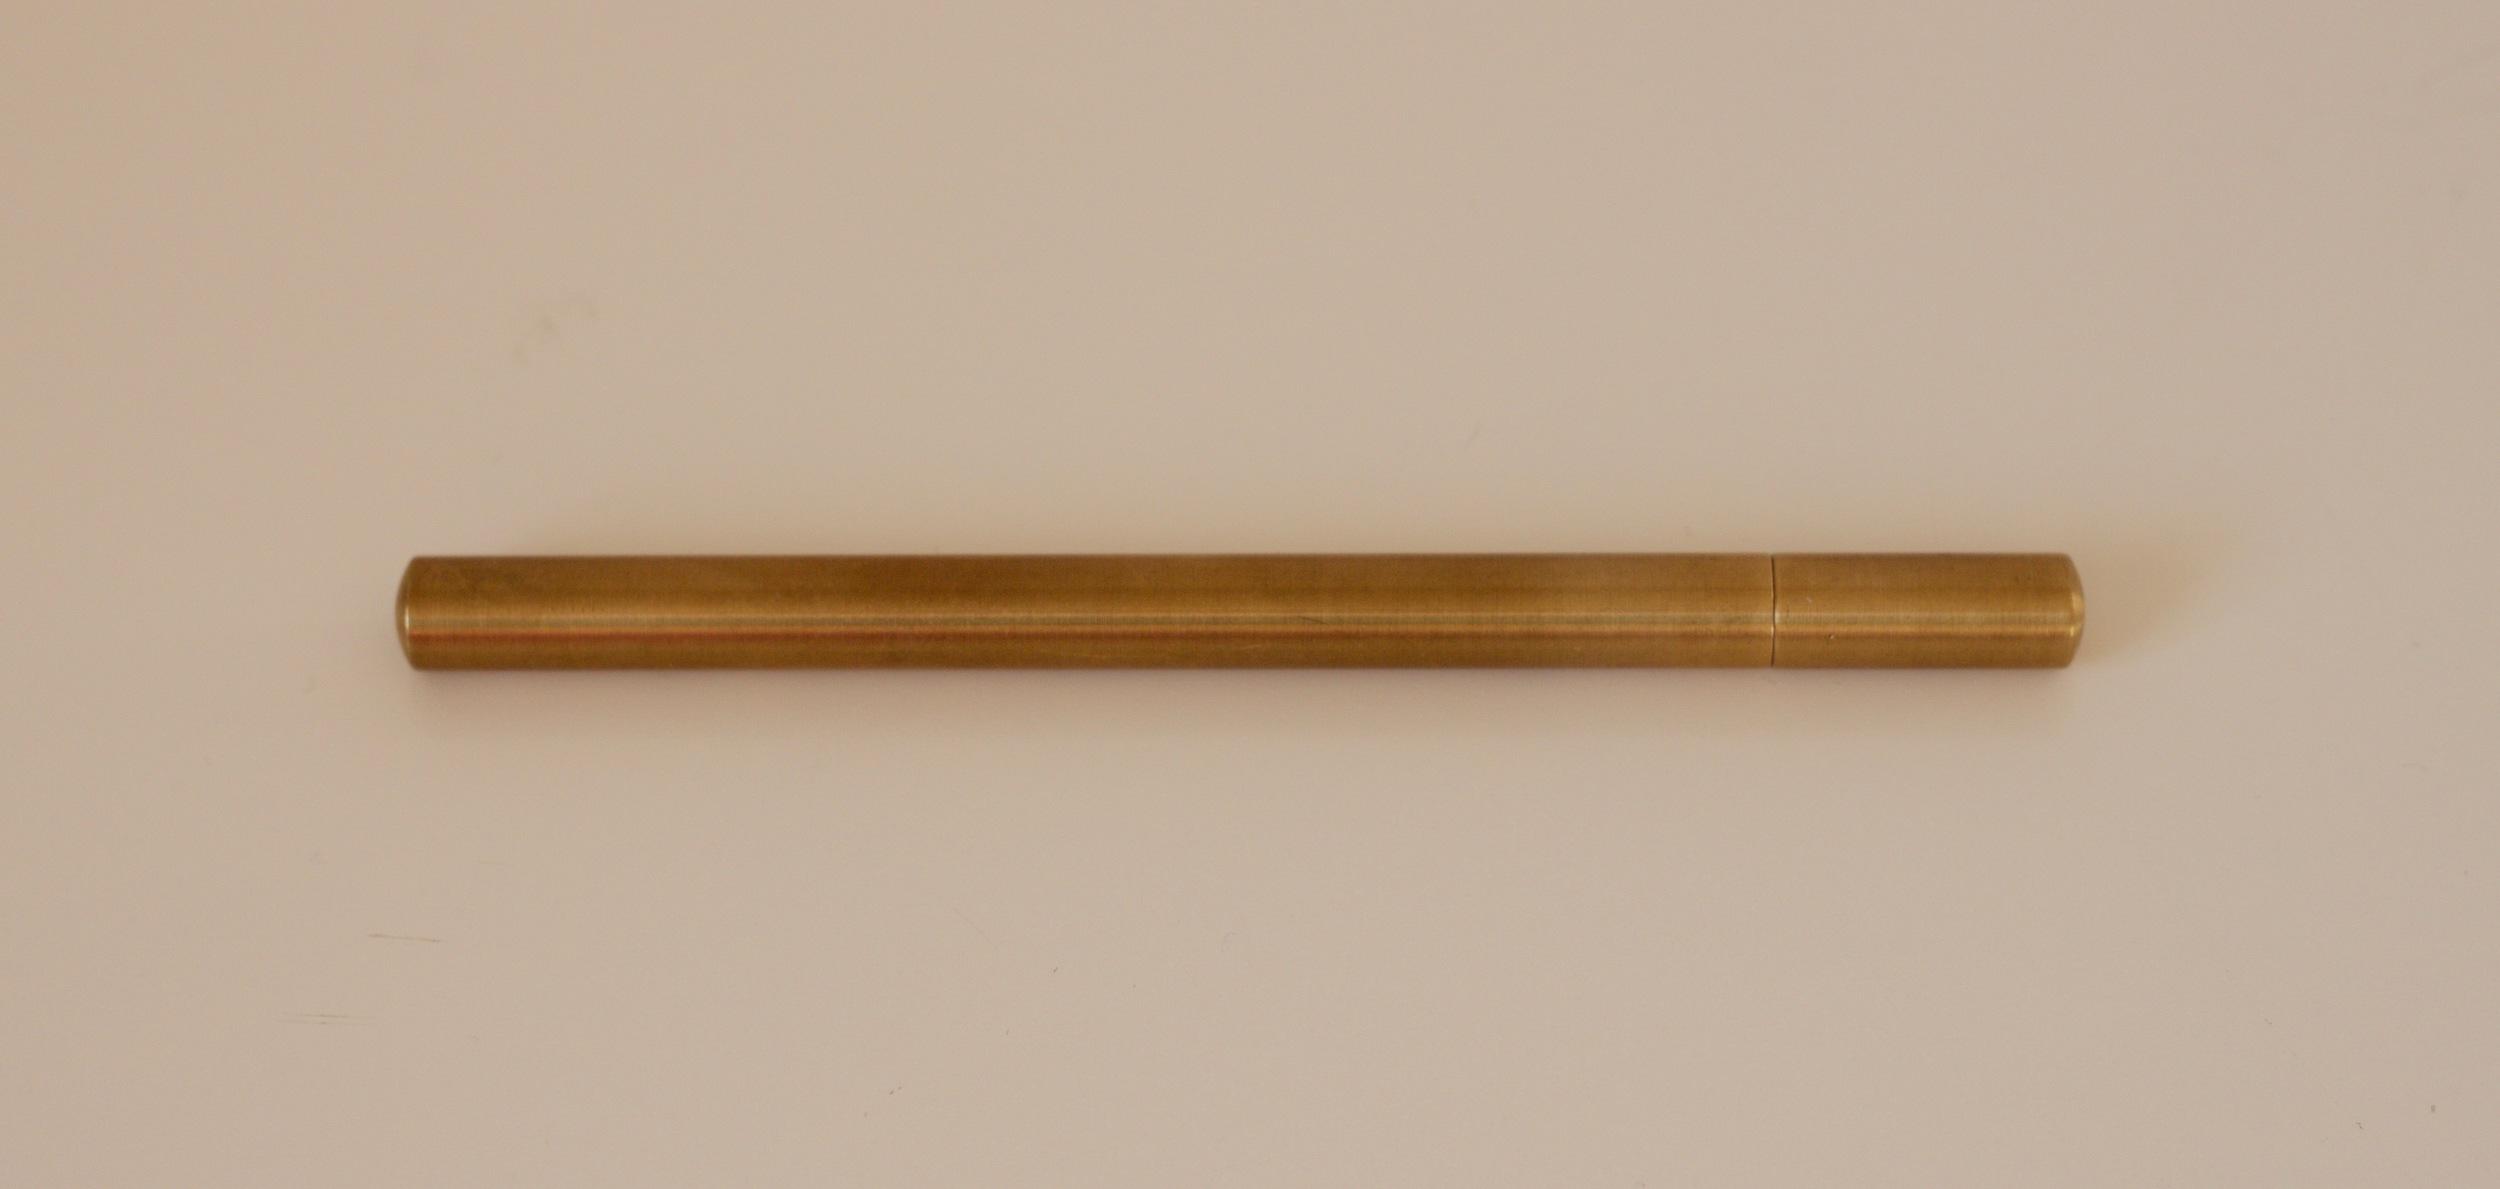 The Ateleia Brass Pen